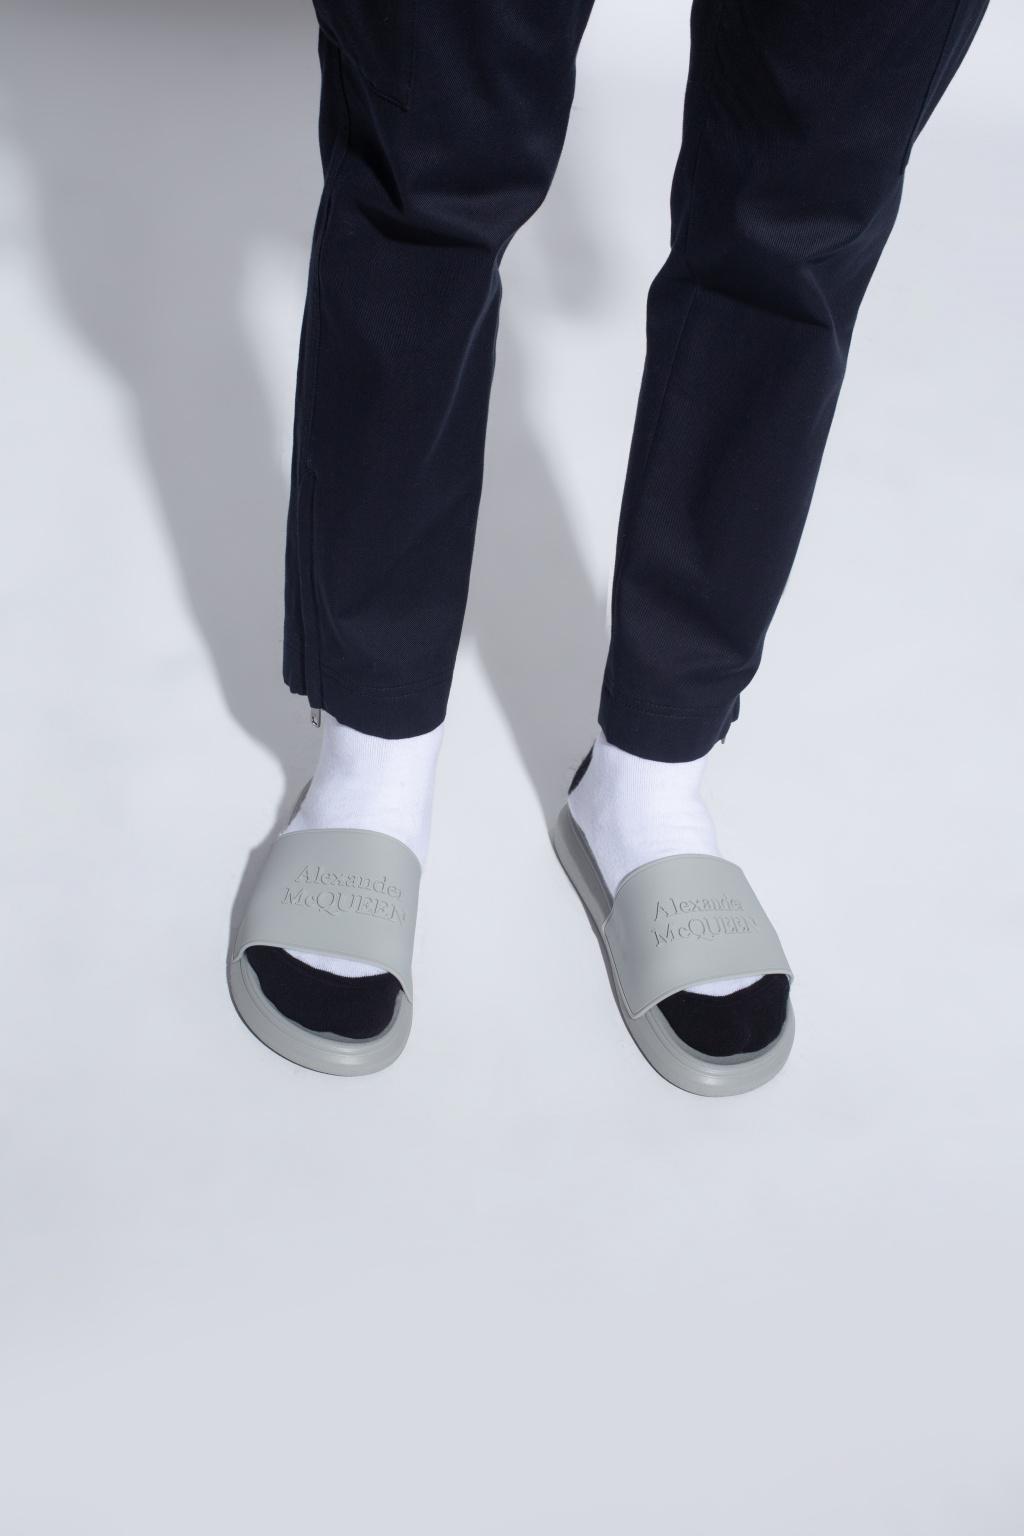 Alexander McQueen Slides with logo